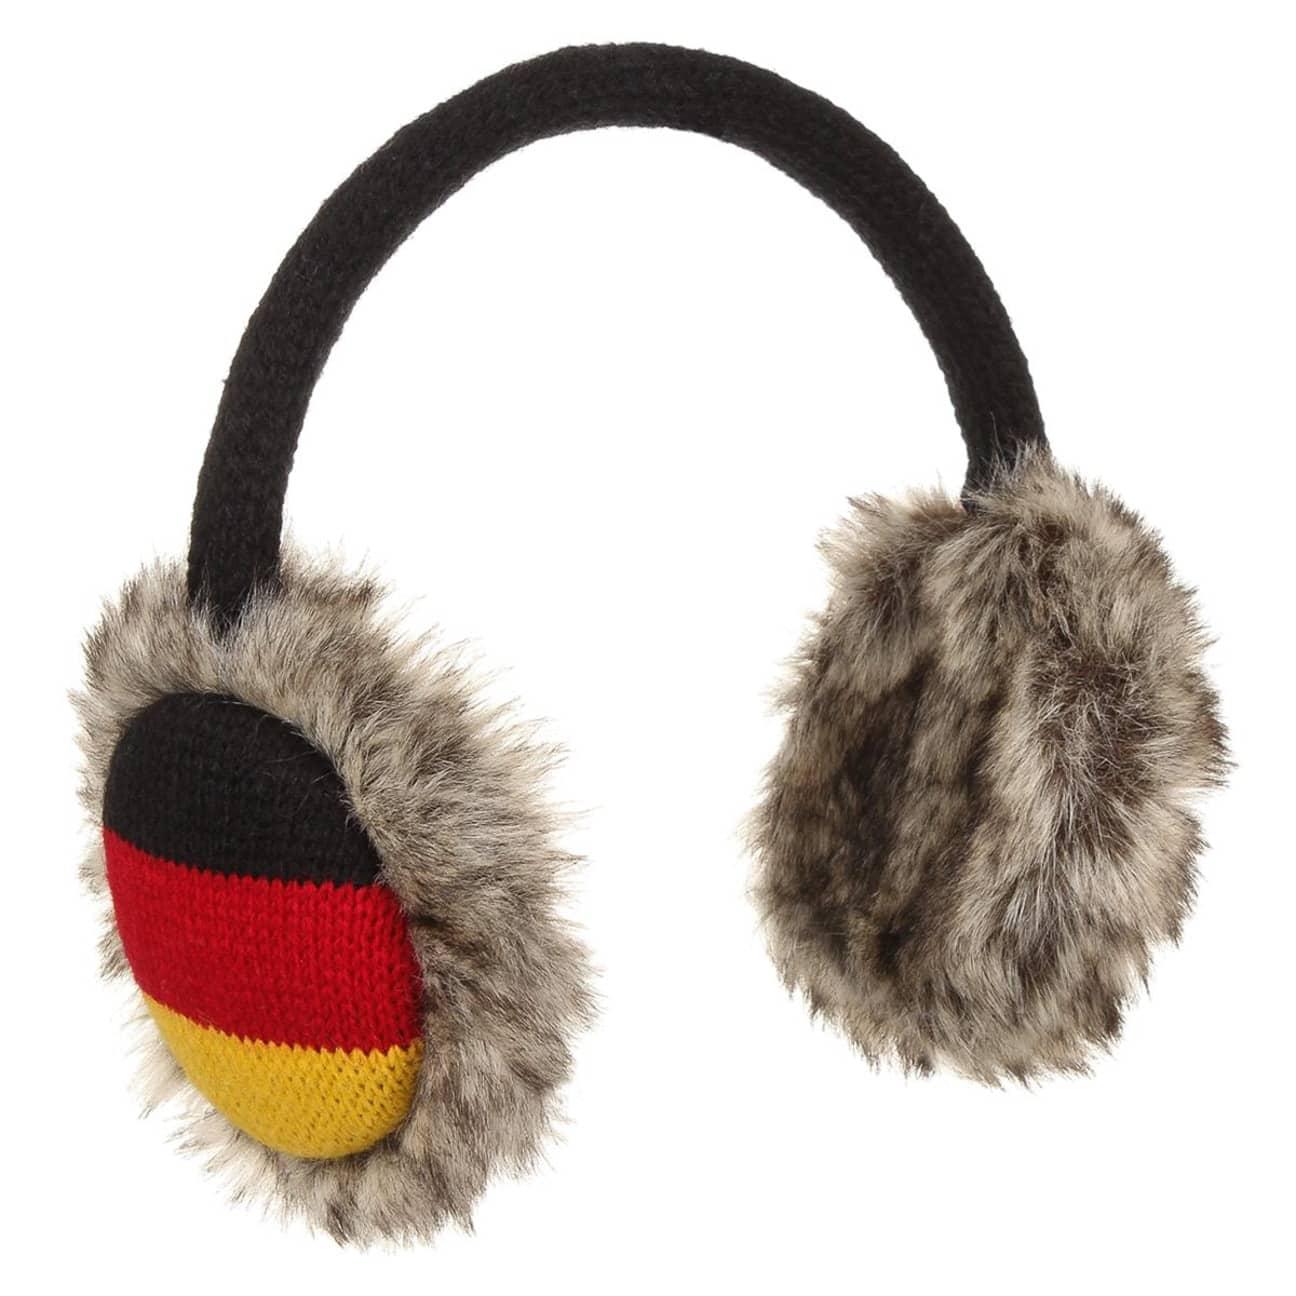 Orejeras Alemania by +B2:B37McBURN  calentador de orejas